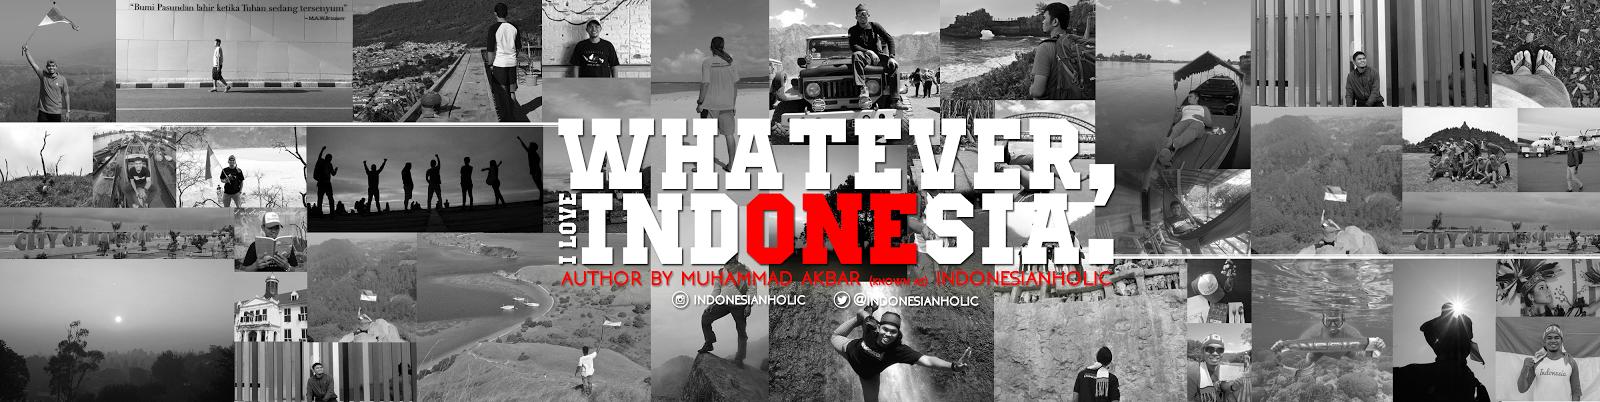 INDONESIANHOLIC